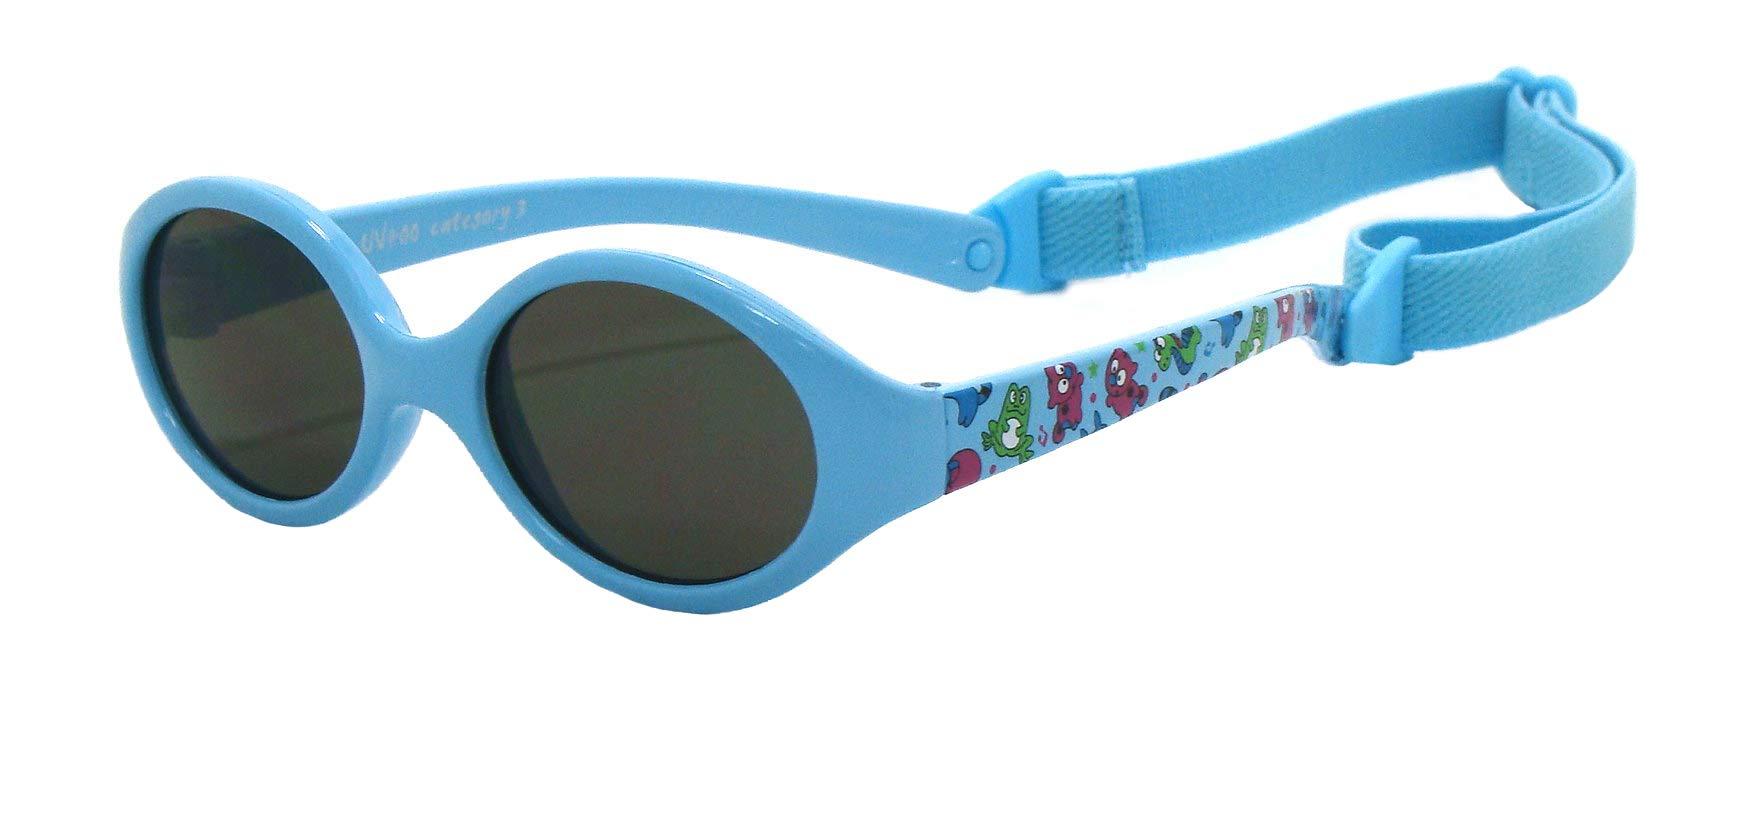 19cb7f45fa Kiddus Gafas de sol bebe para niños y niñas, TOTALMENTE FLEXIBLES, a ...